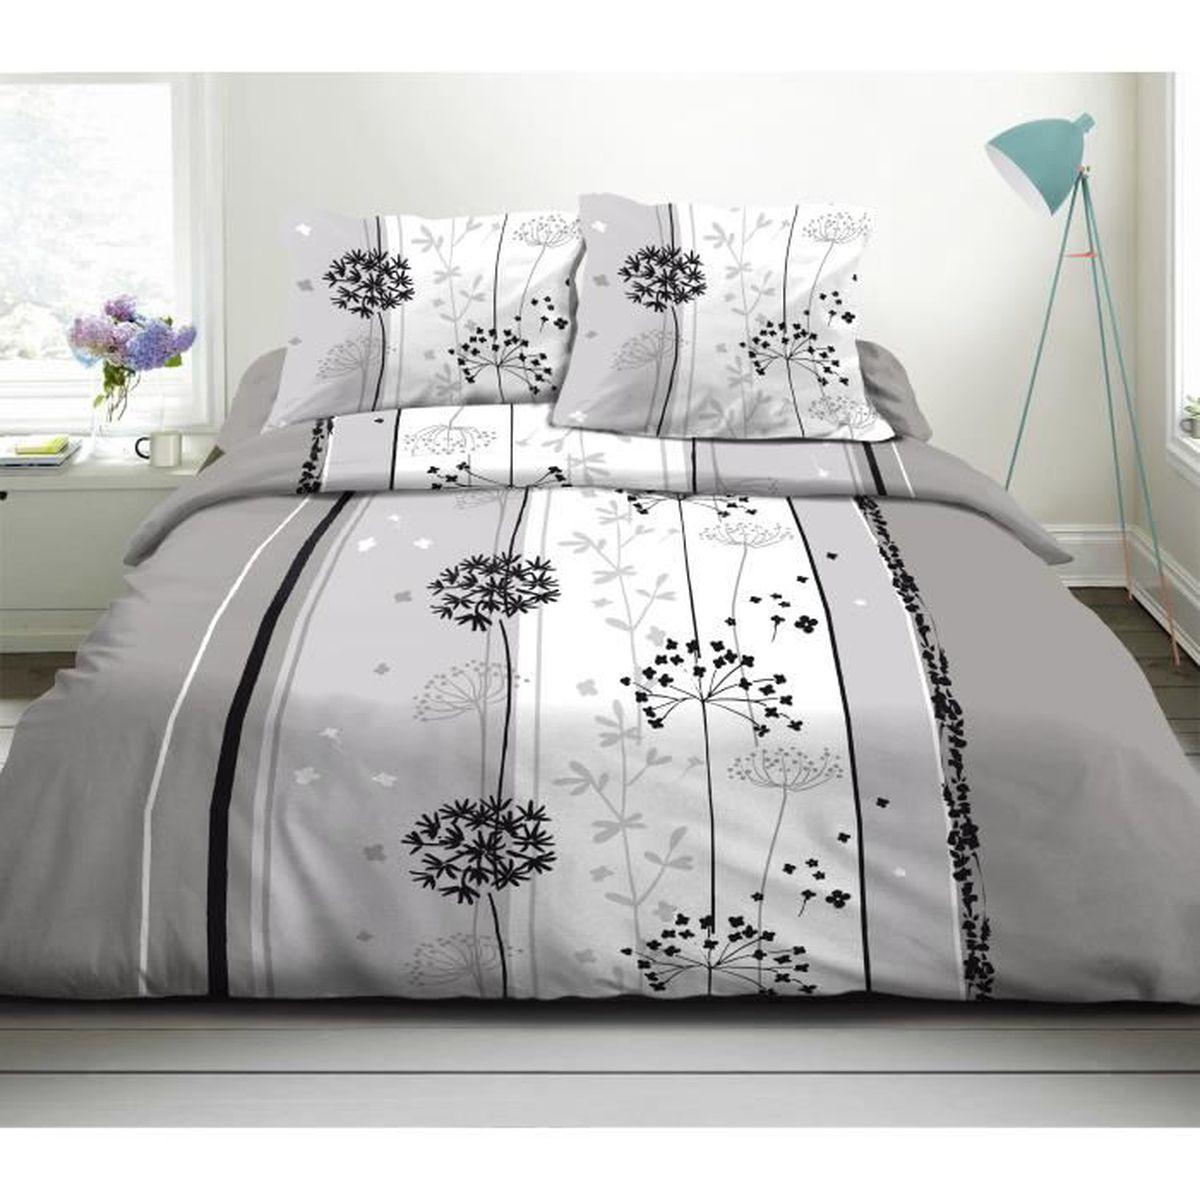 drap pour lit 160 achat vente pas cher. Black Bedroom Furniture Sets. Home Design Ideas